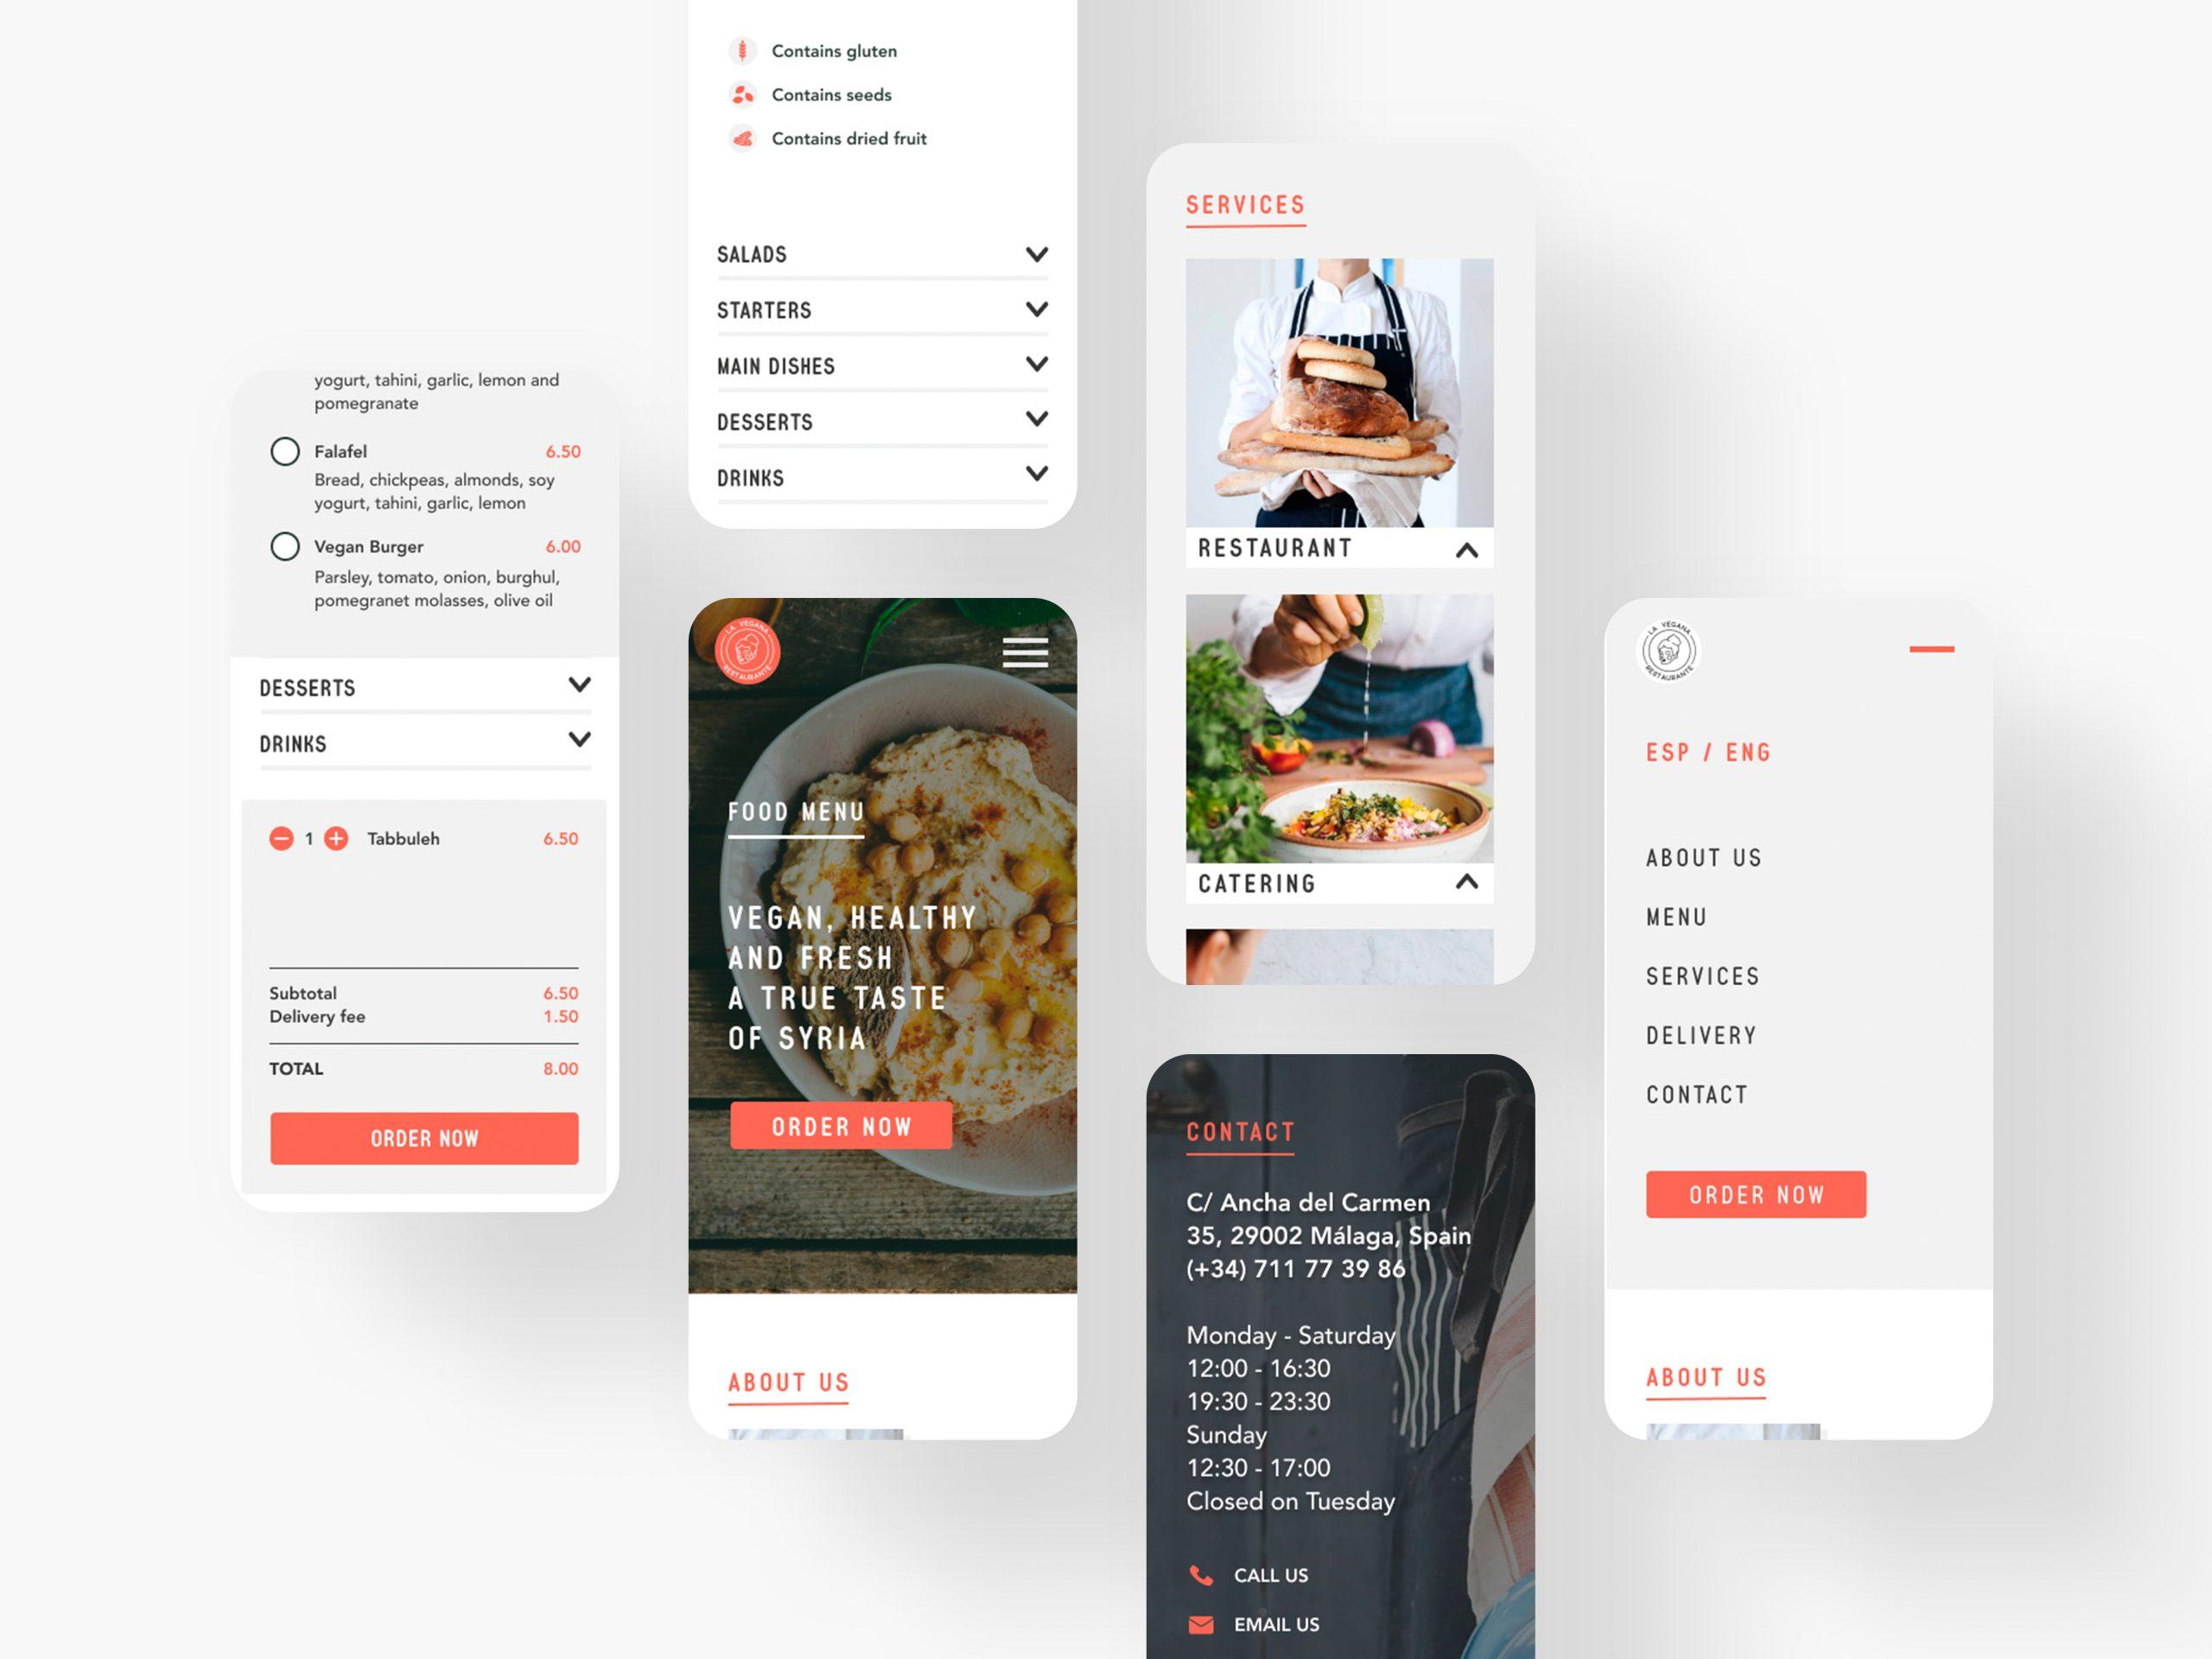 La Mujer de Kennedy Málaga diseño web UX/UI restaurante La Vegana